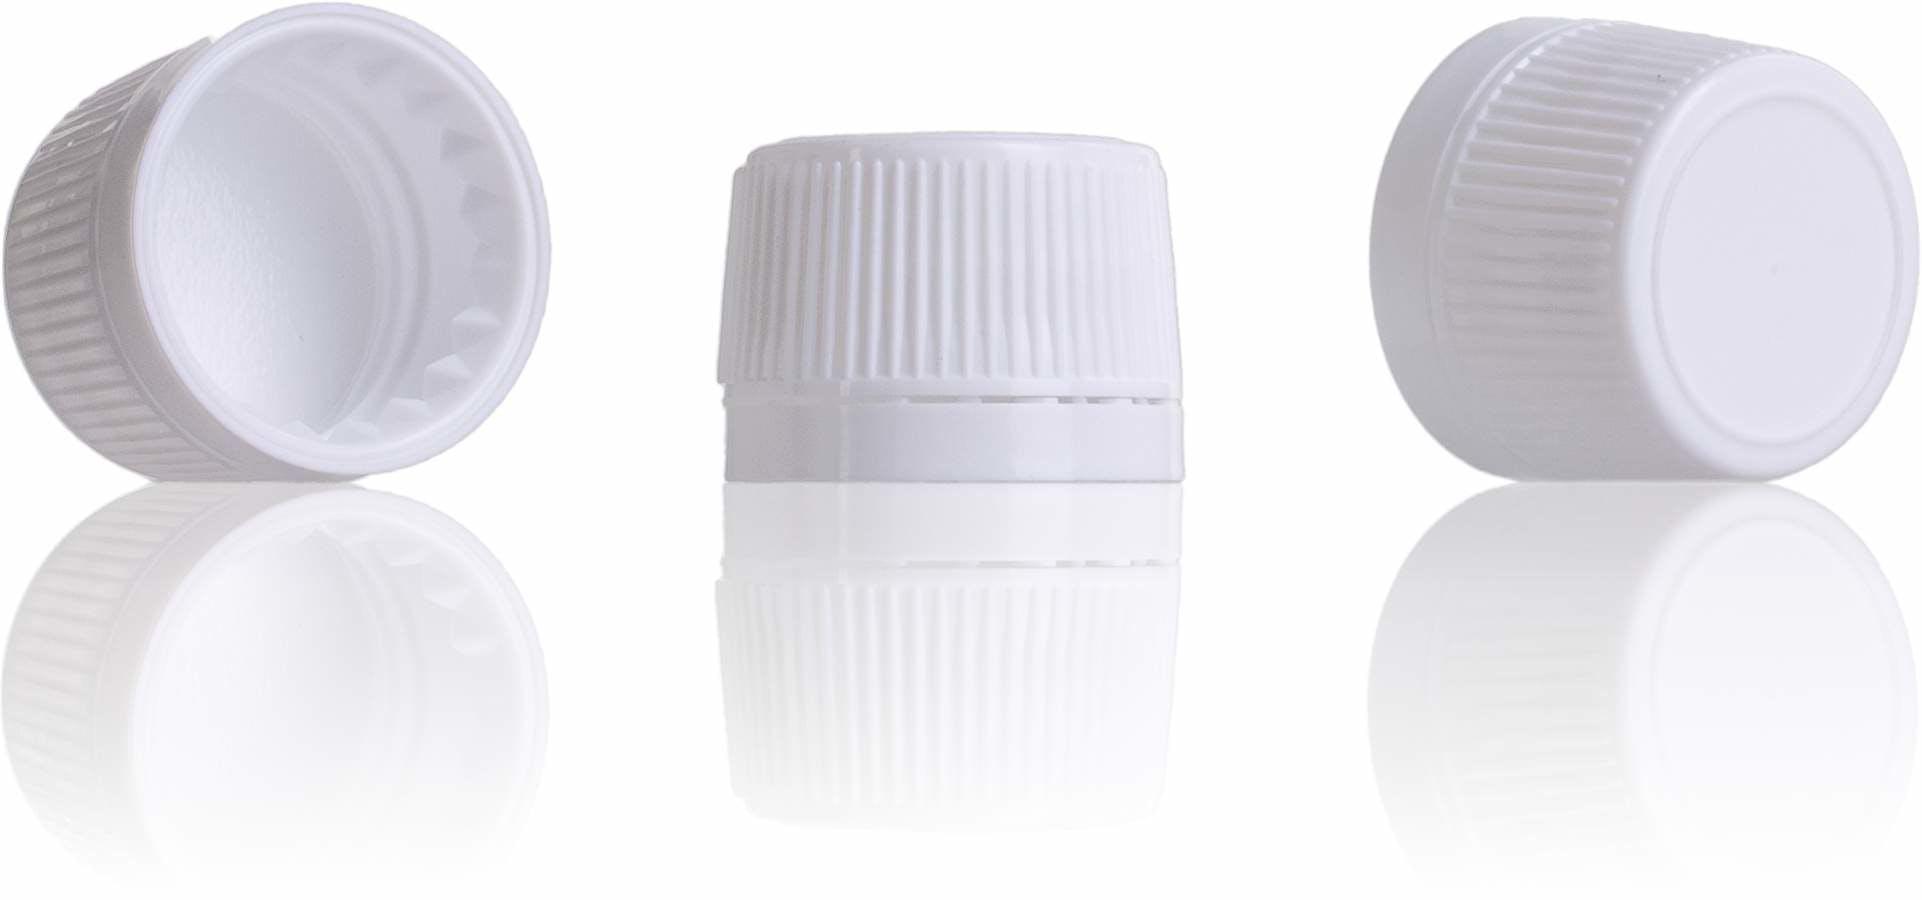 Tapon precinto blanco PP28-sistemas-de-cierre-tapones